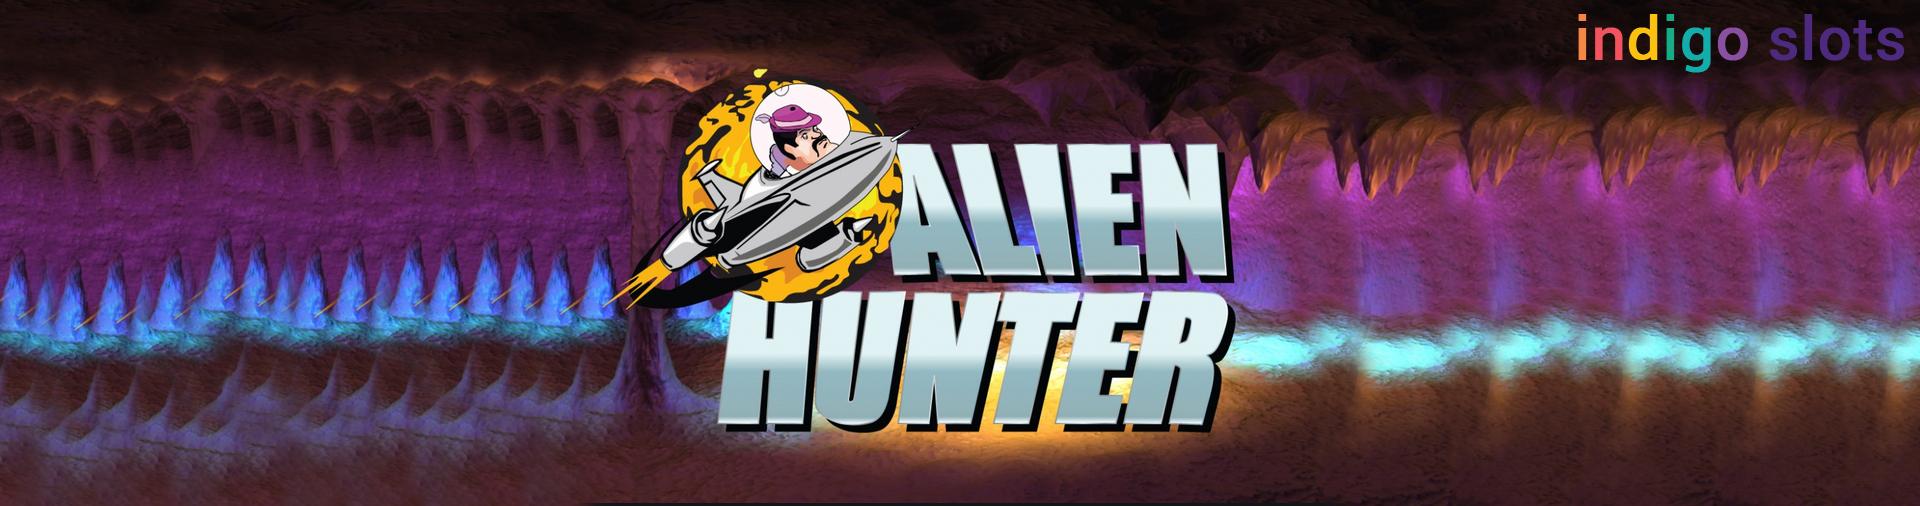 Alien Hunter Slot logo.